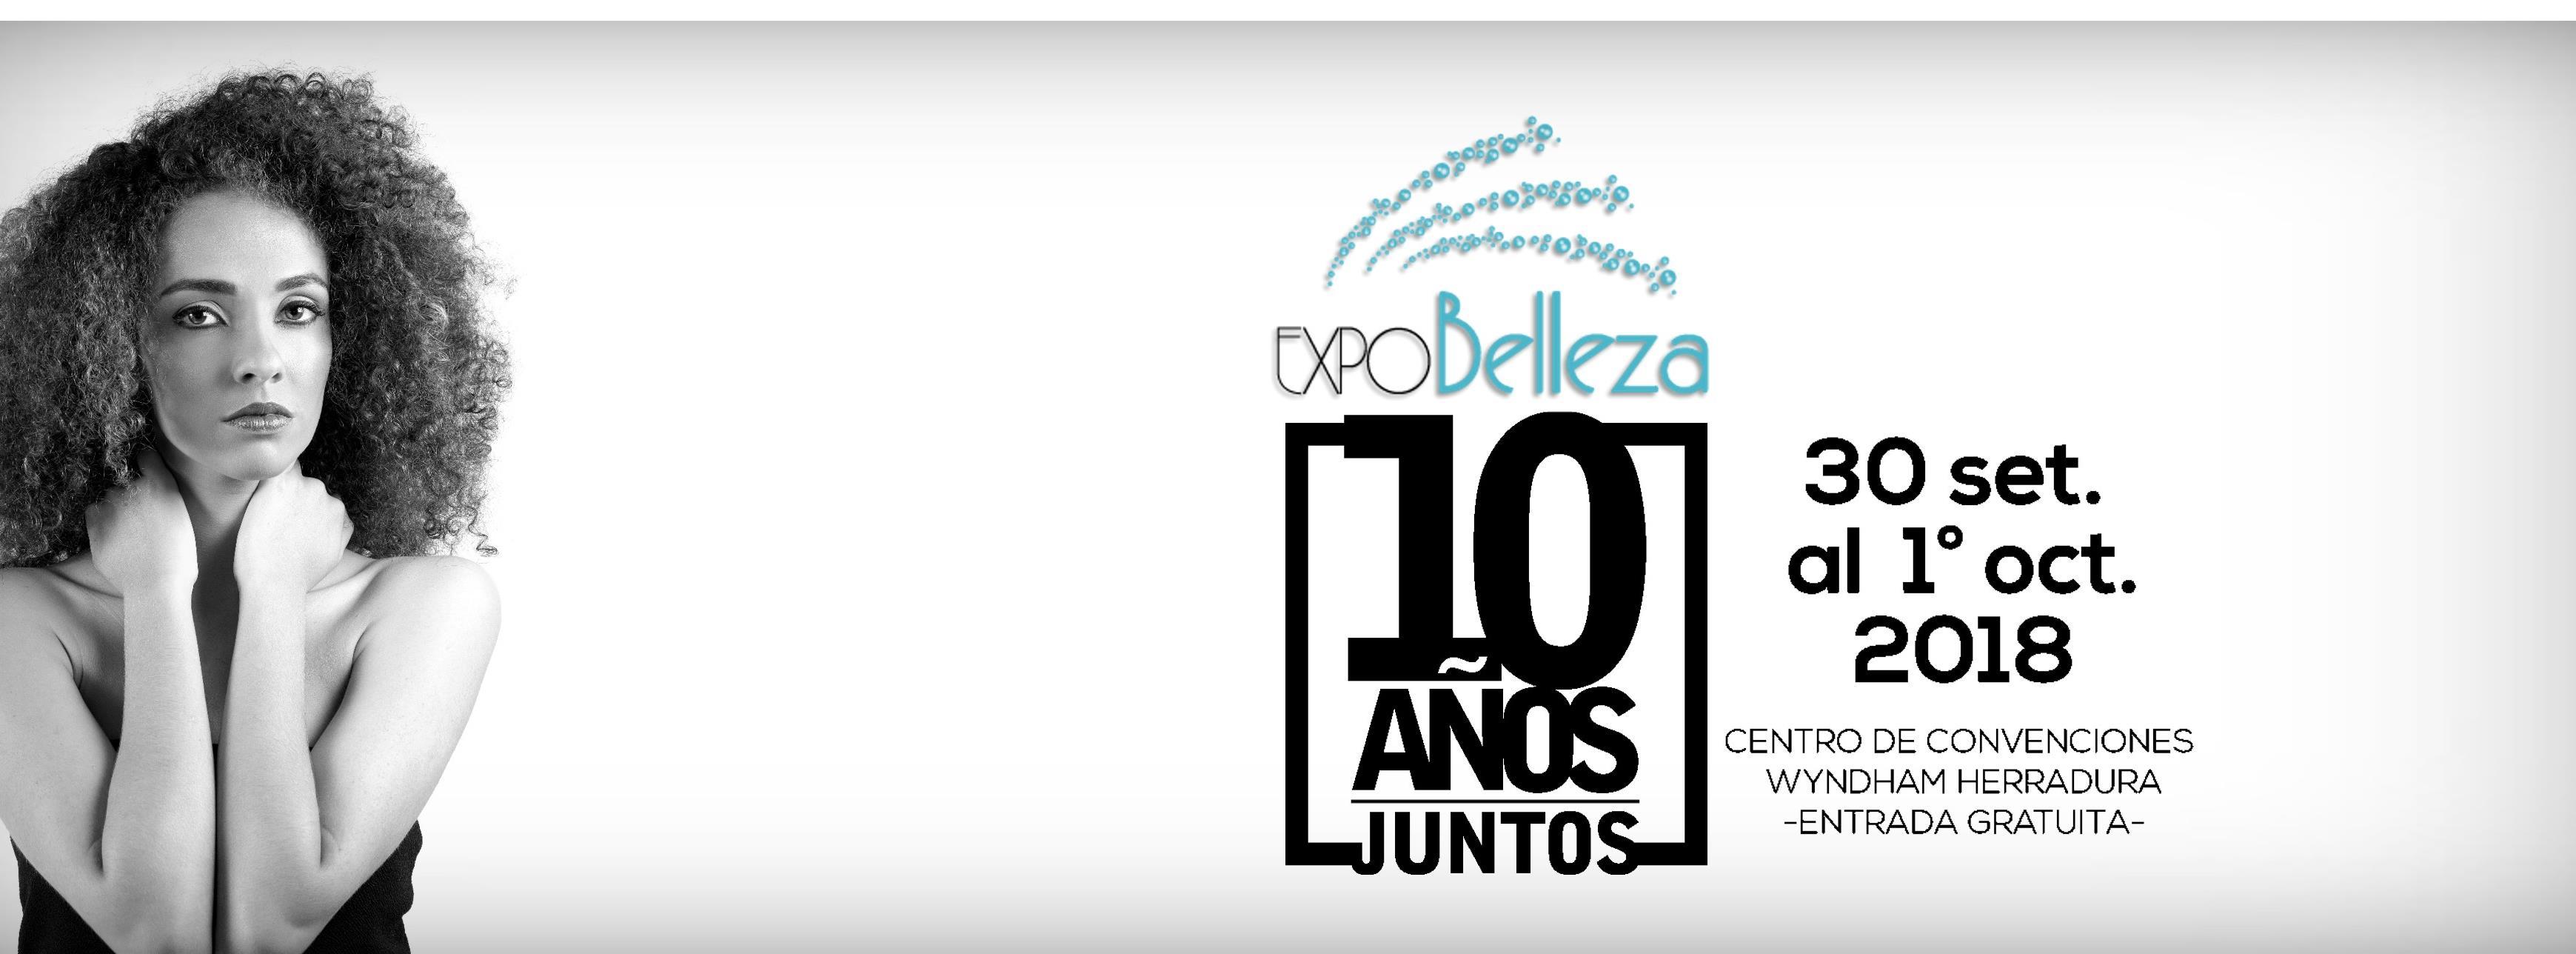 ExpoBelleza Costa Rica